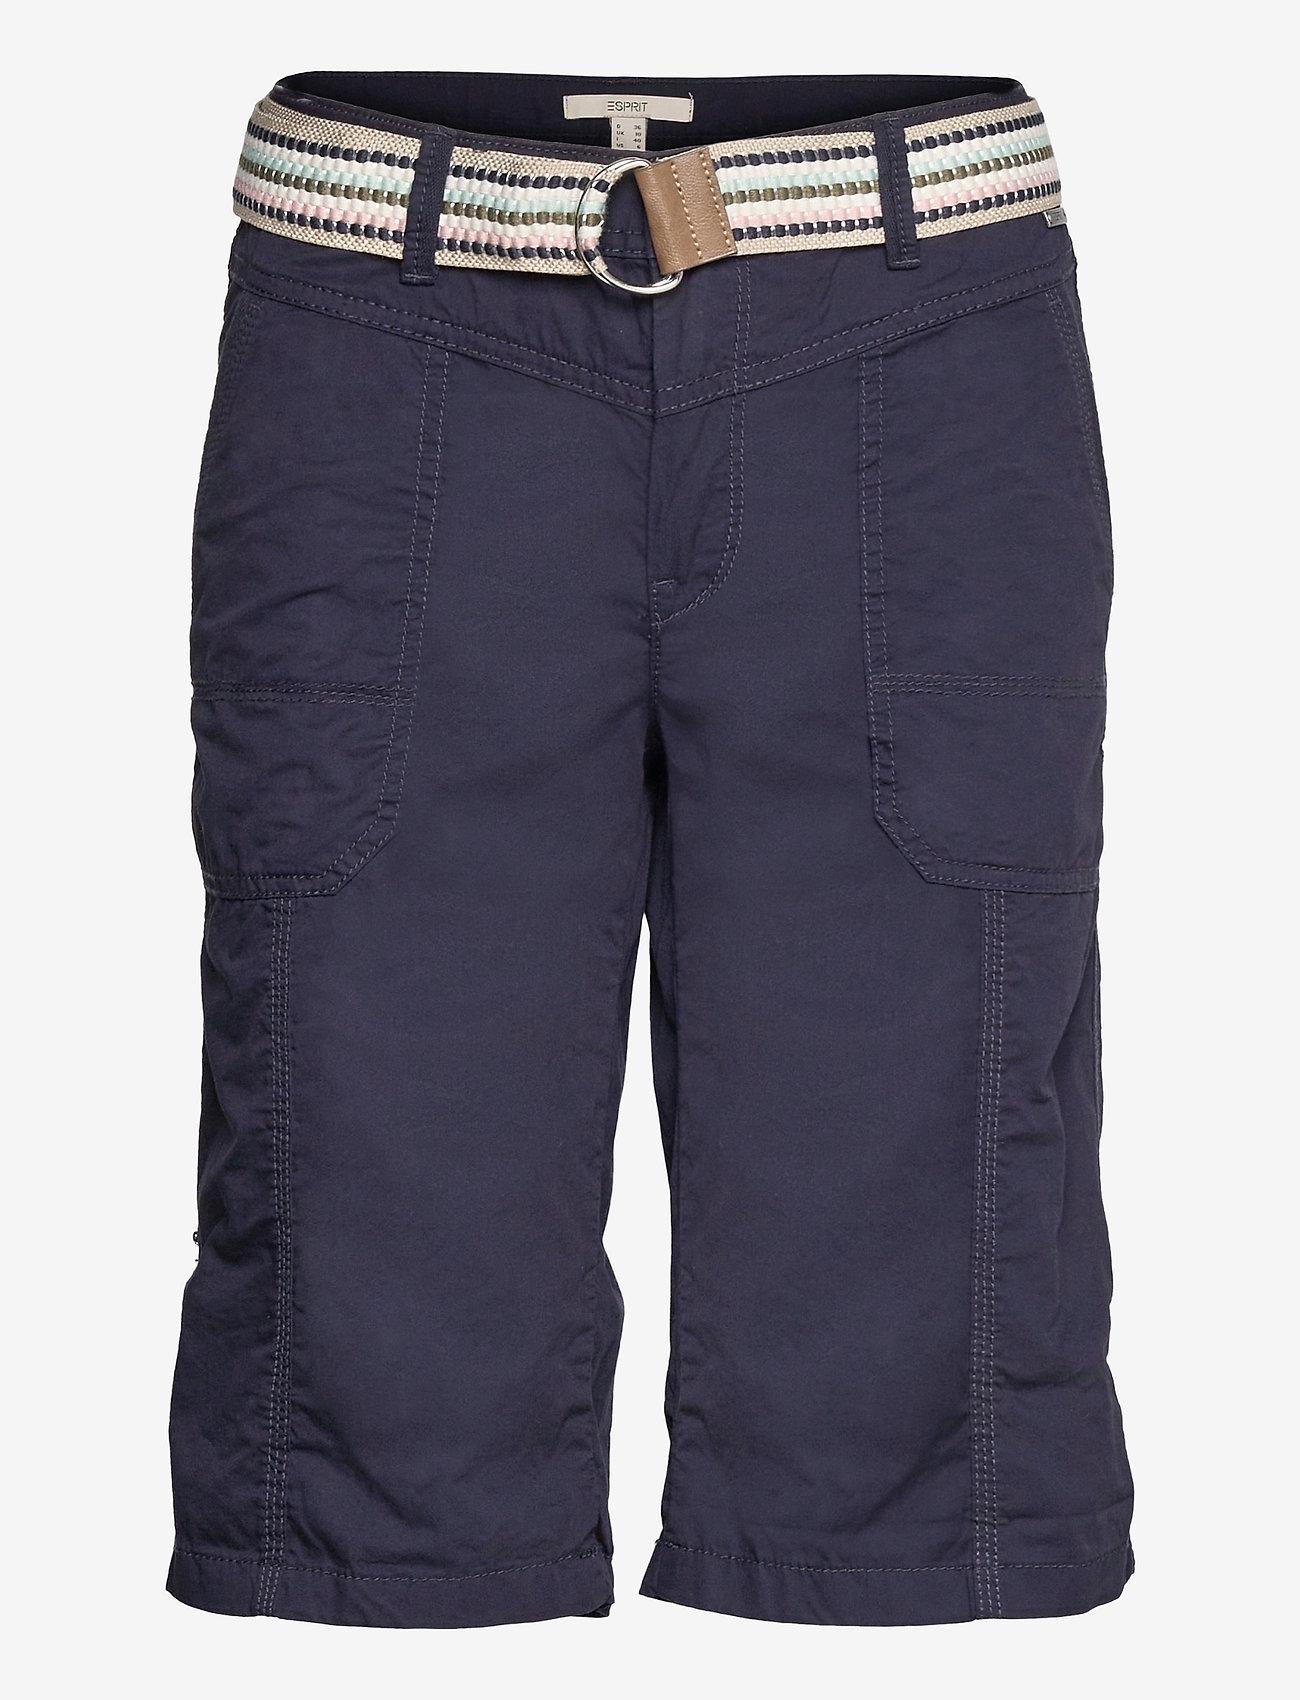 Esprit Casual - Shorts woven - bermudas - navy - 0